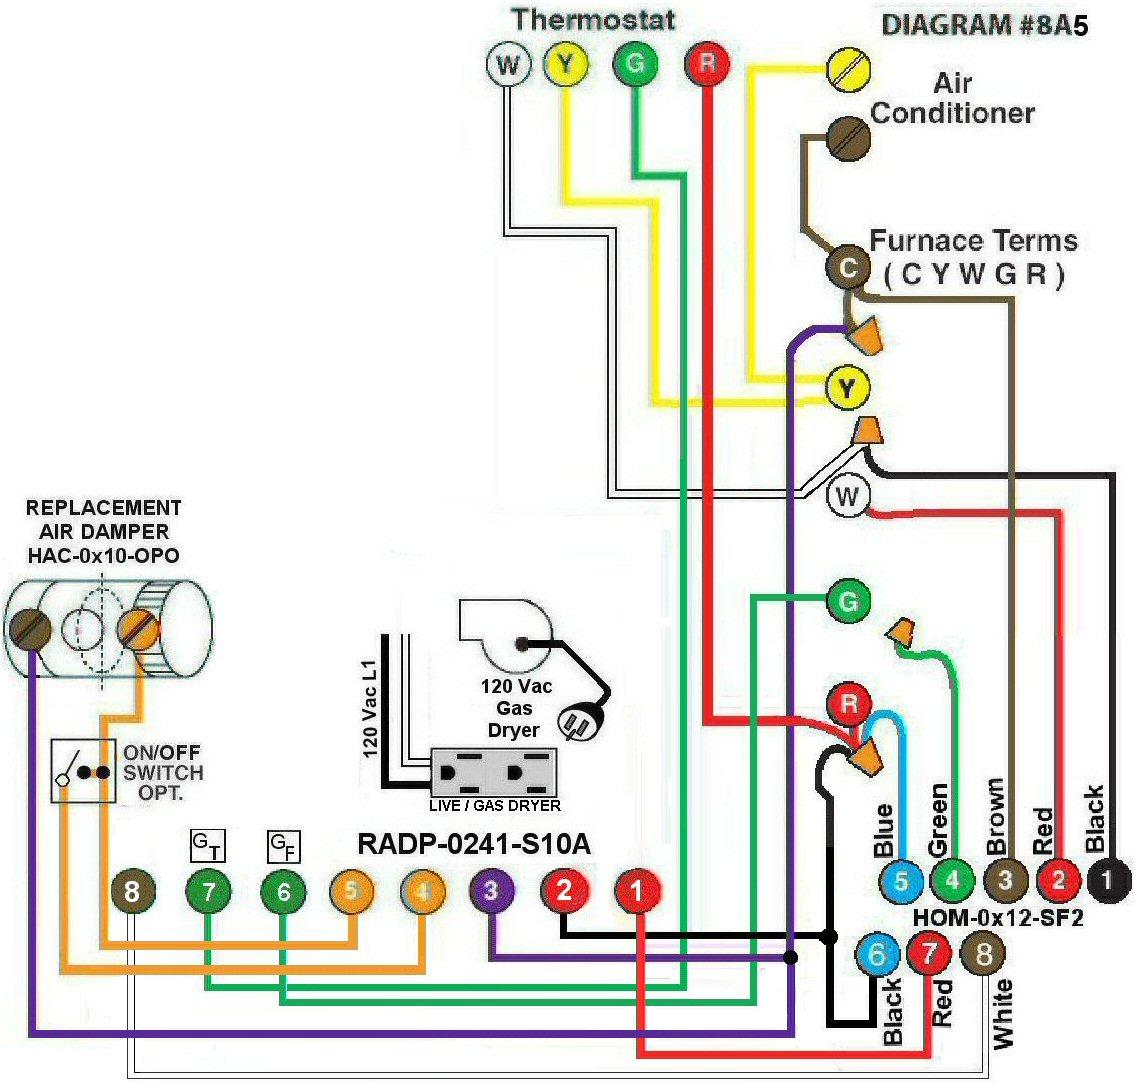 Fireplace Millivolt Gas Valve Schematic Honeywell Diagram Wiring Apk11